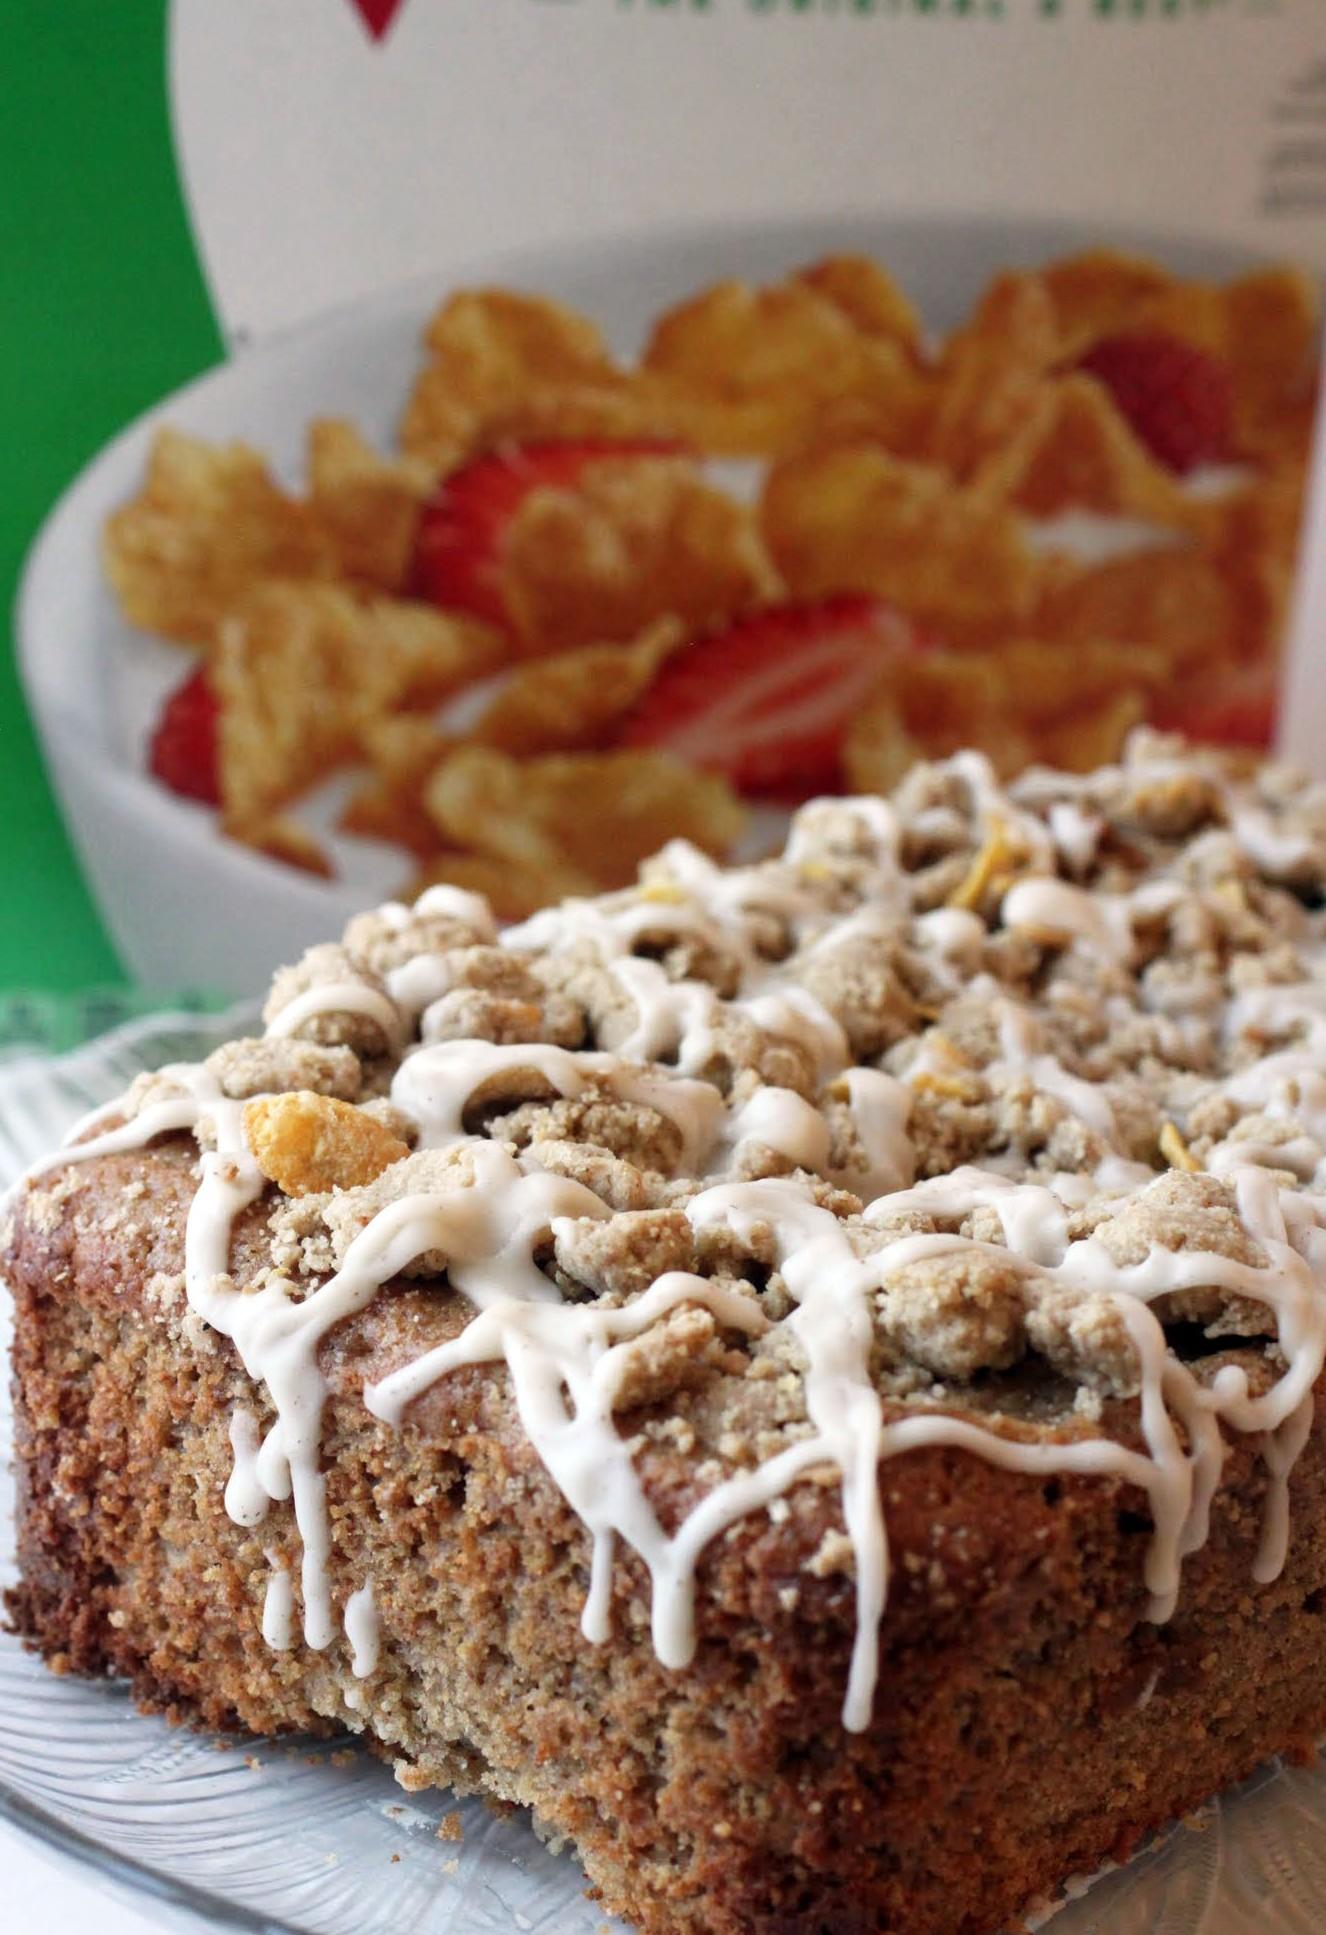 Corn Flake Cinnamon Crumb Bread